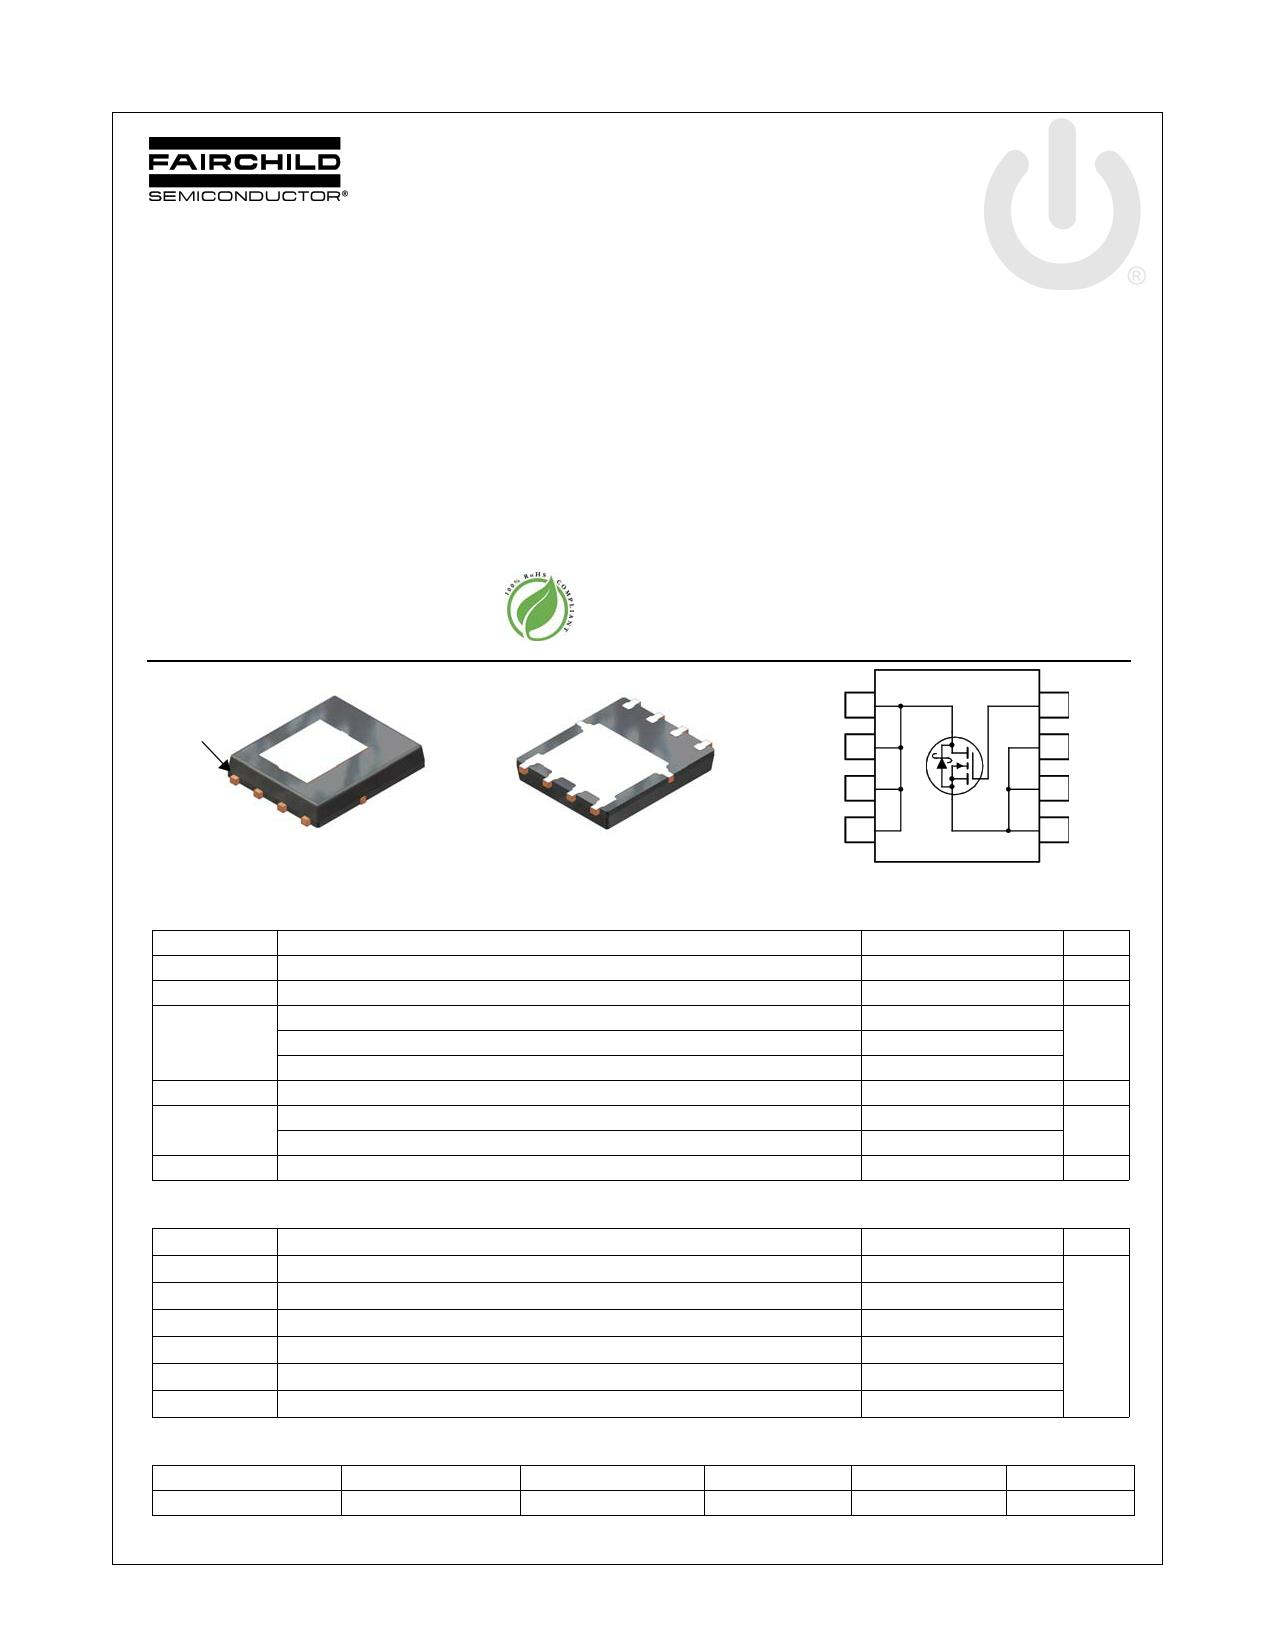 FDMS8558SDC 데이터시트 및 FDMS8558SDC PDF